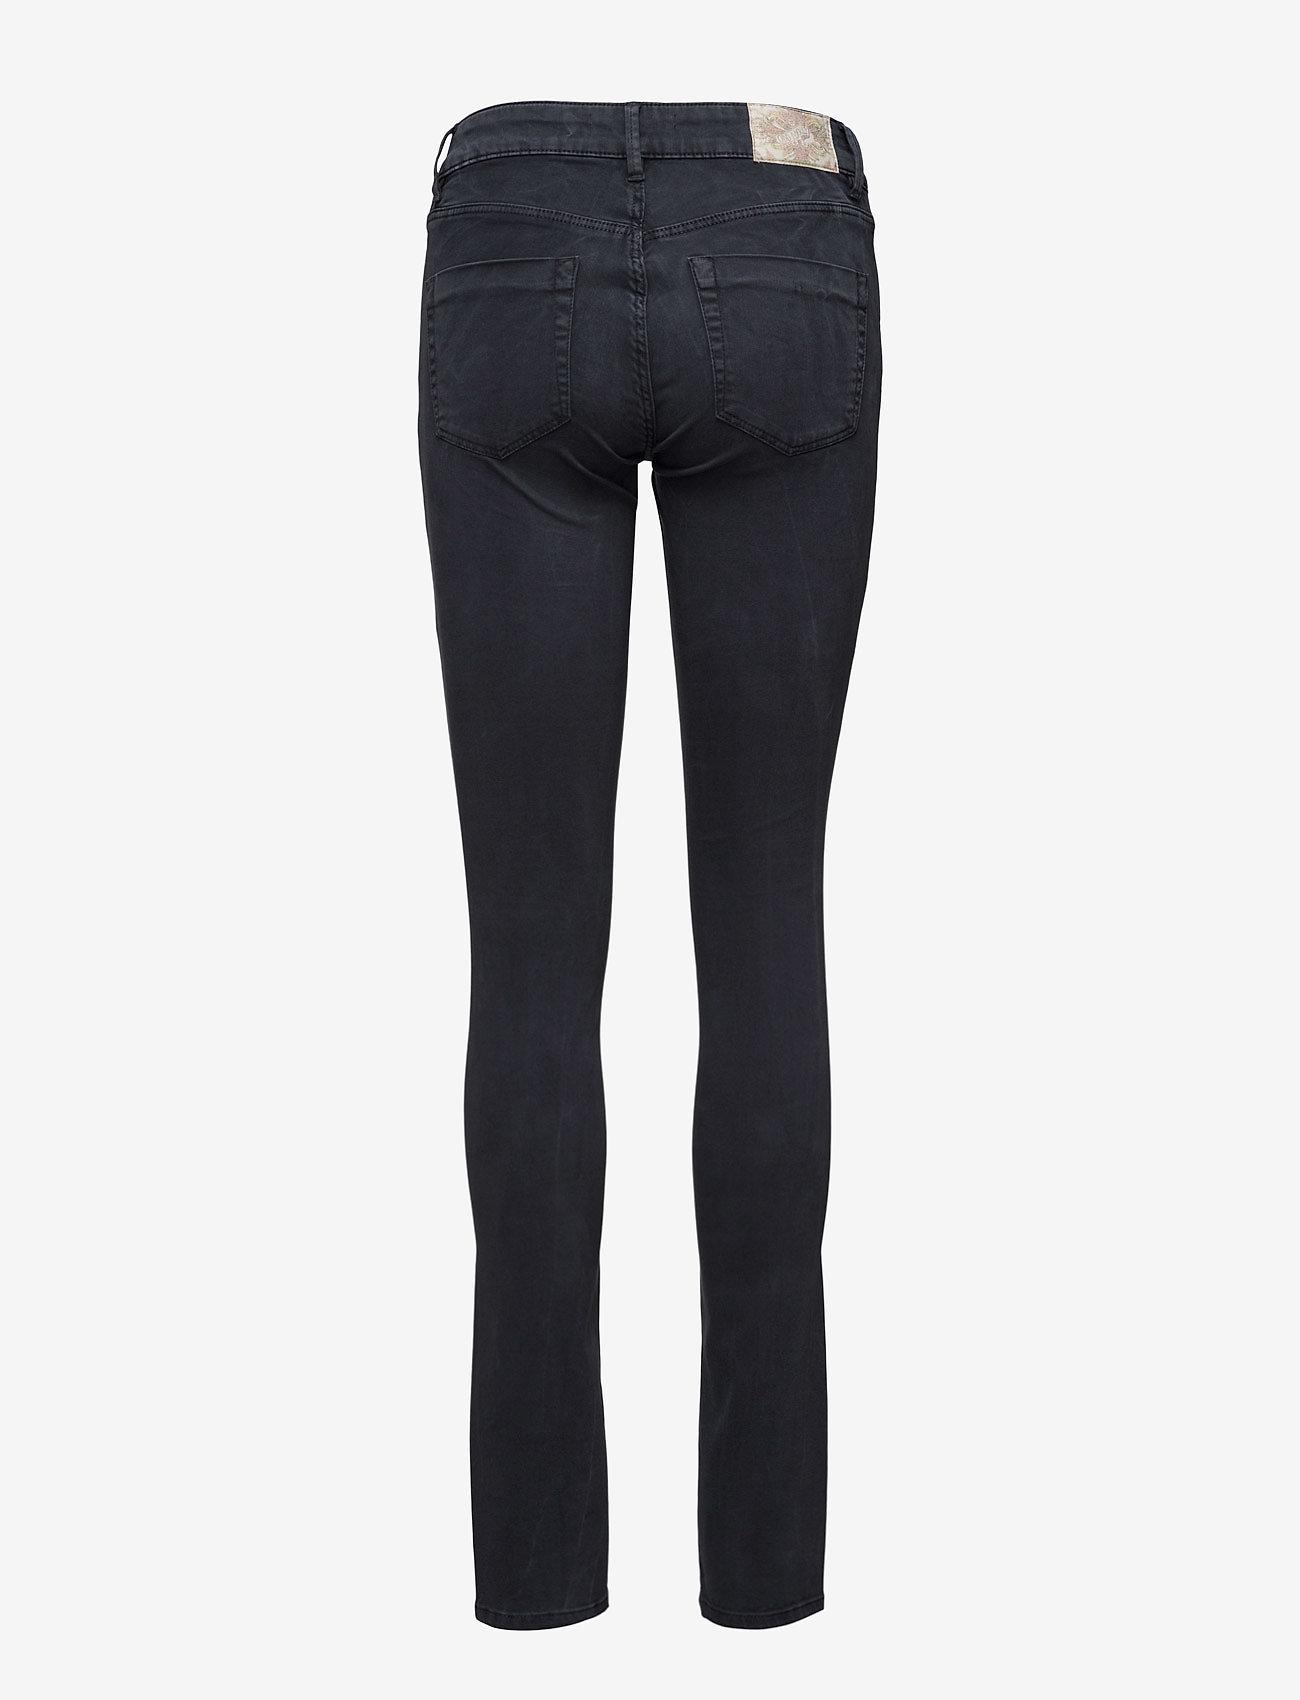 ODD MOLLY - leg-endary slits jeans - jeans skinny - blue black - 1